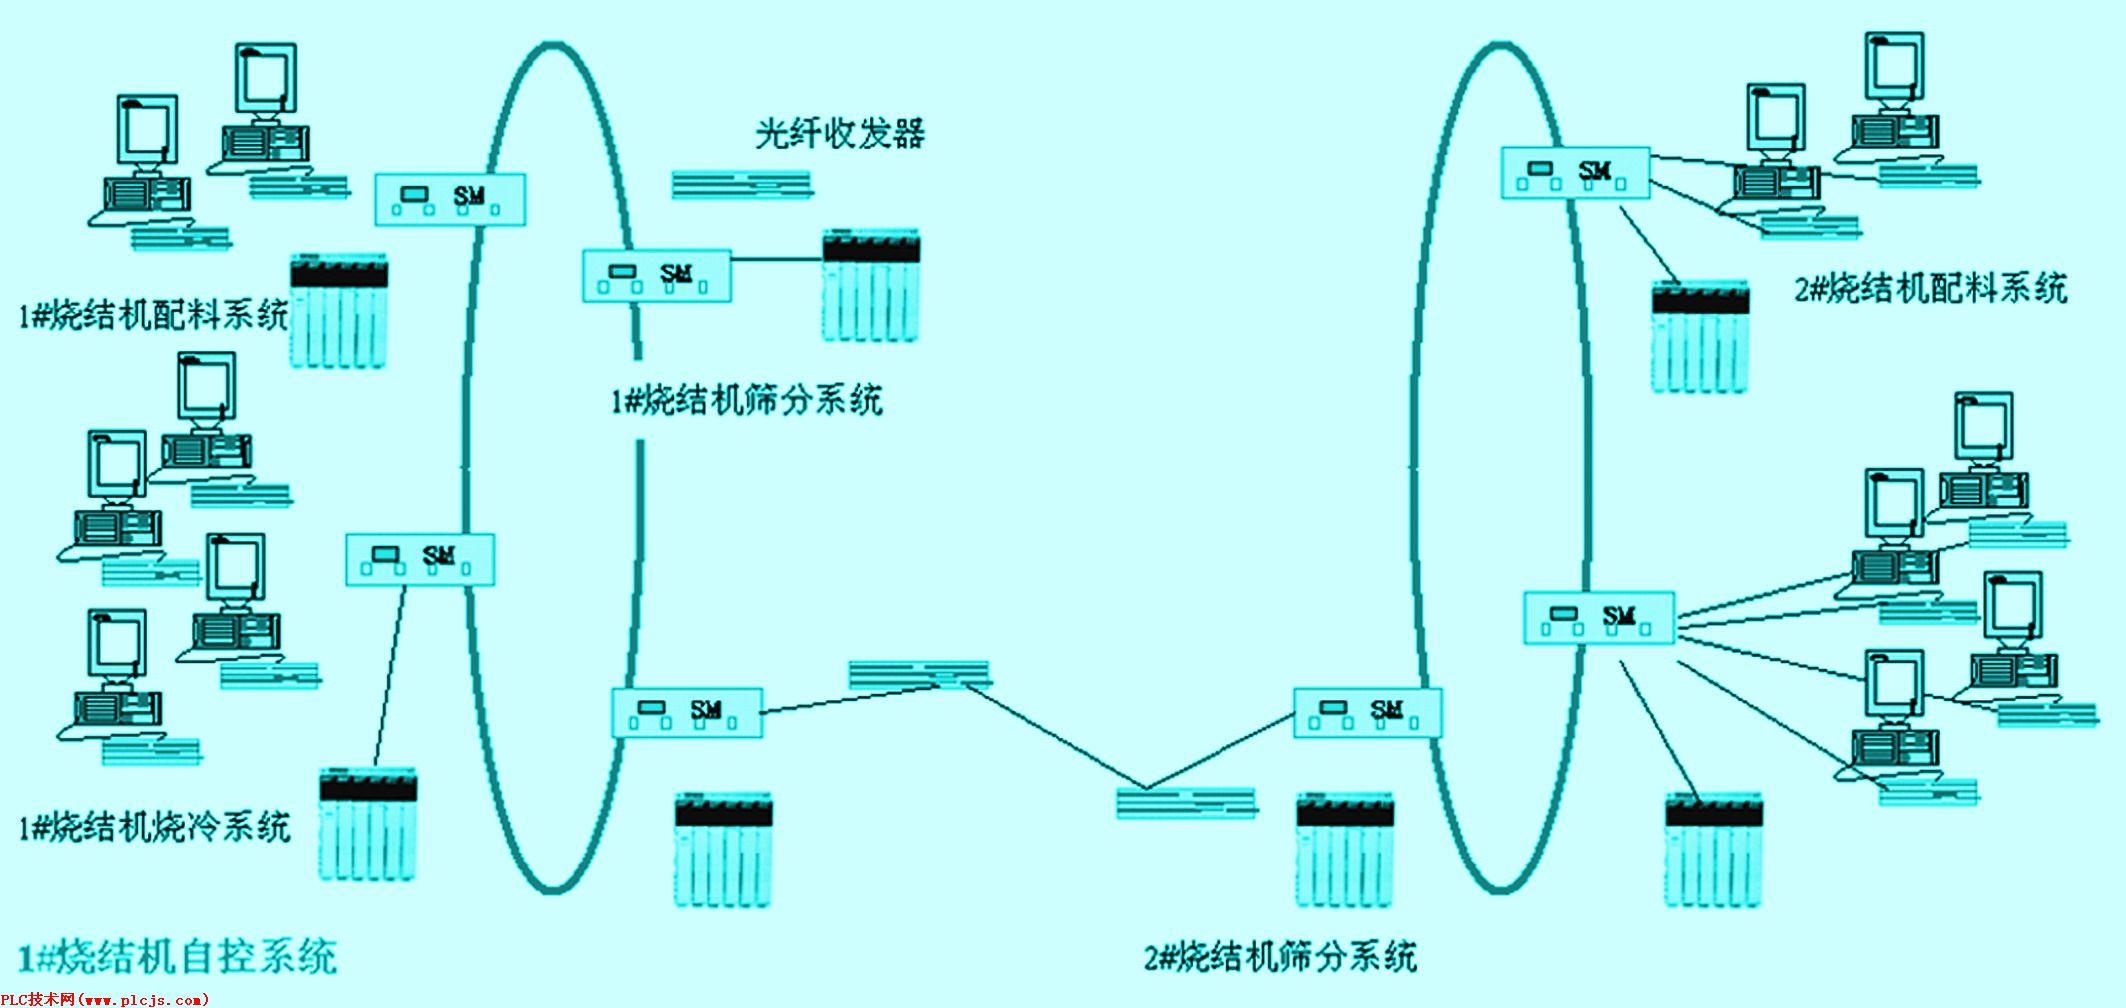 电缆下挂远程分站,所有变频器通过mb+网连接到plc上